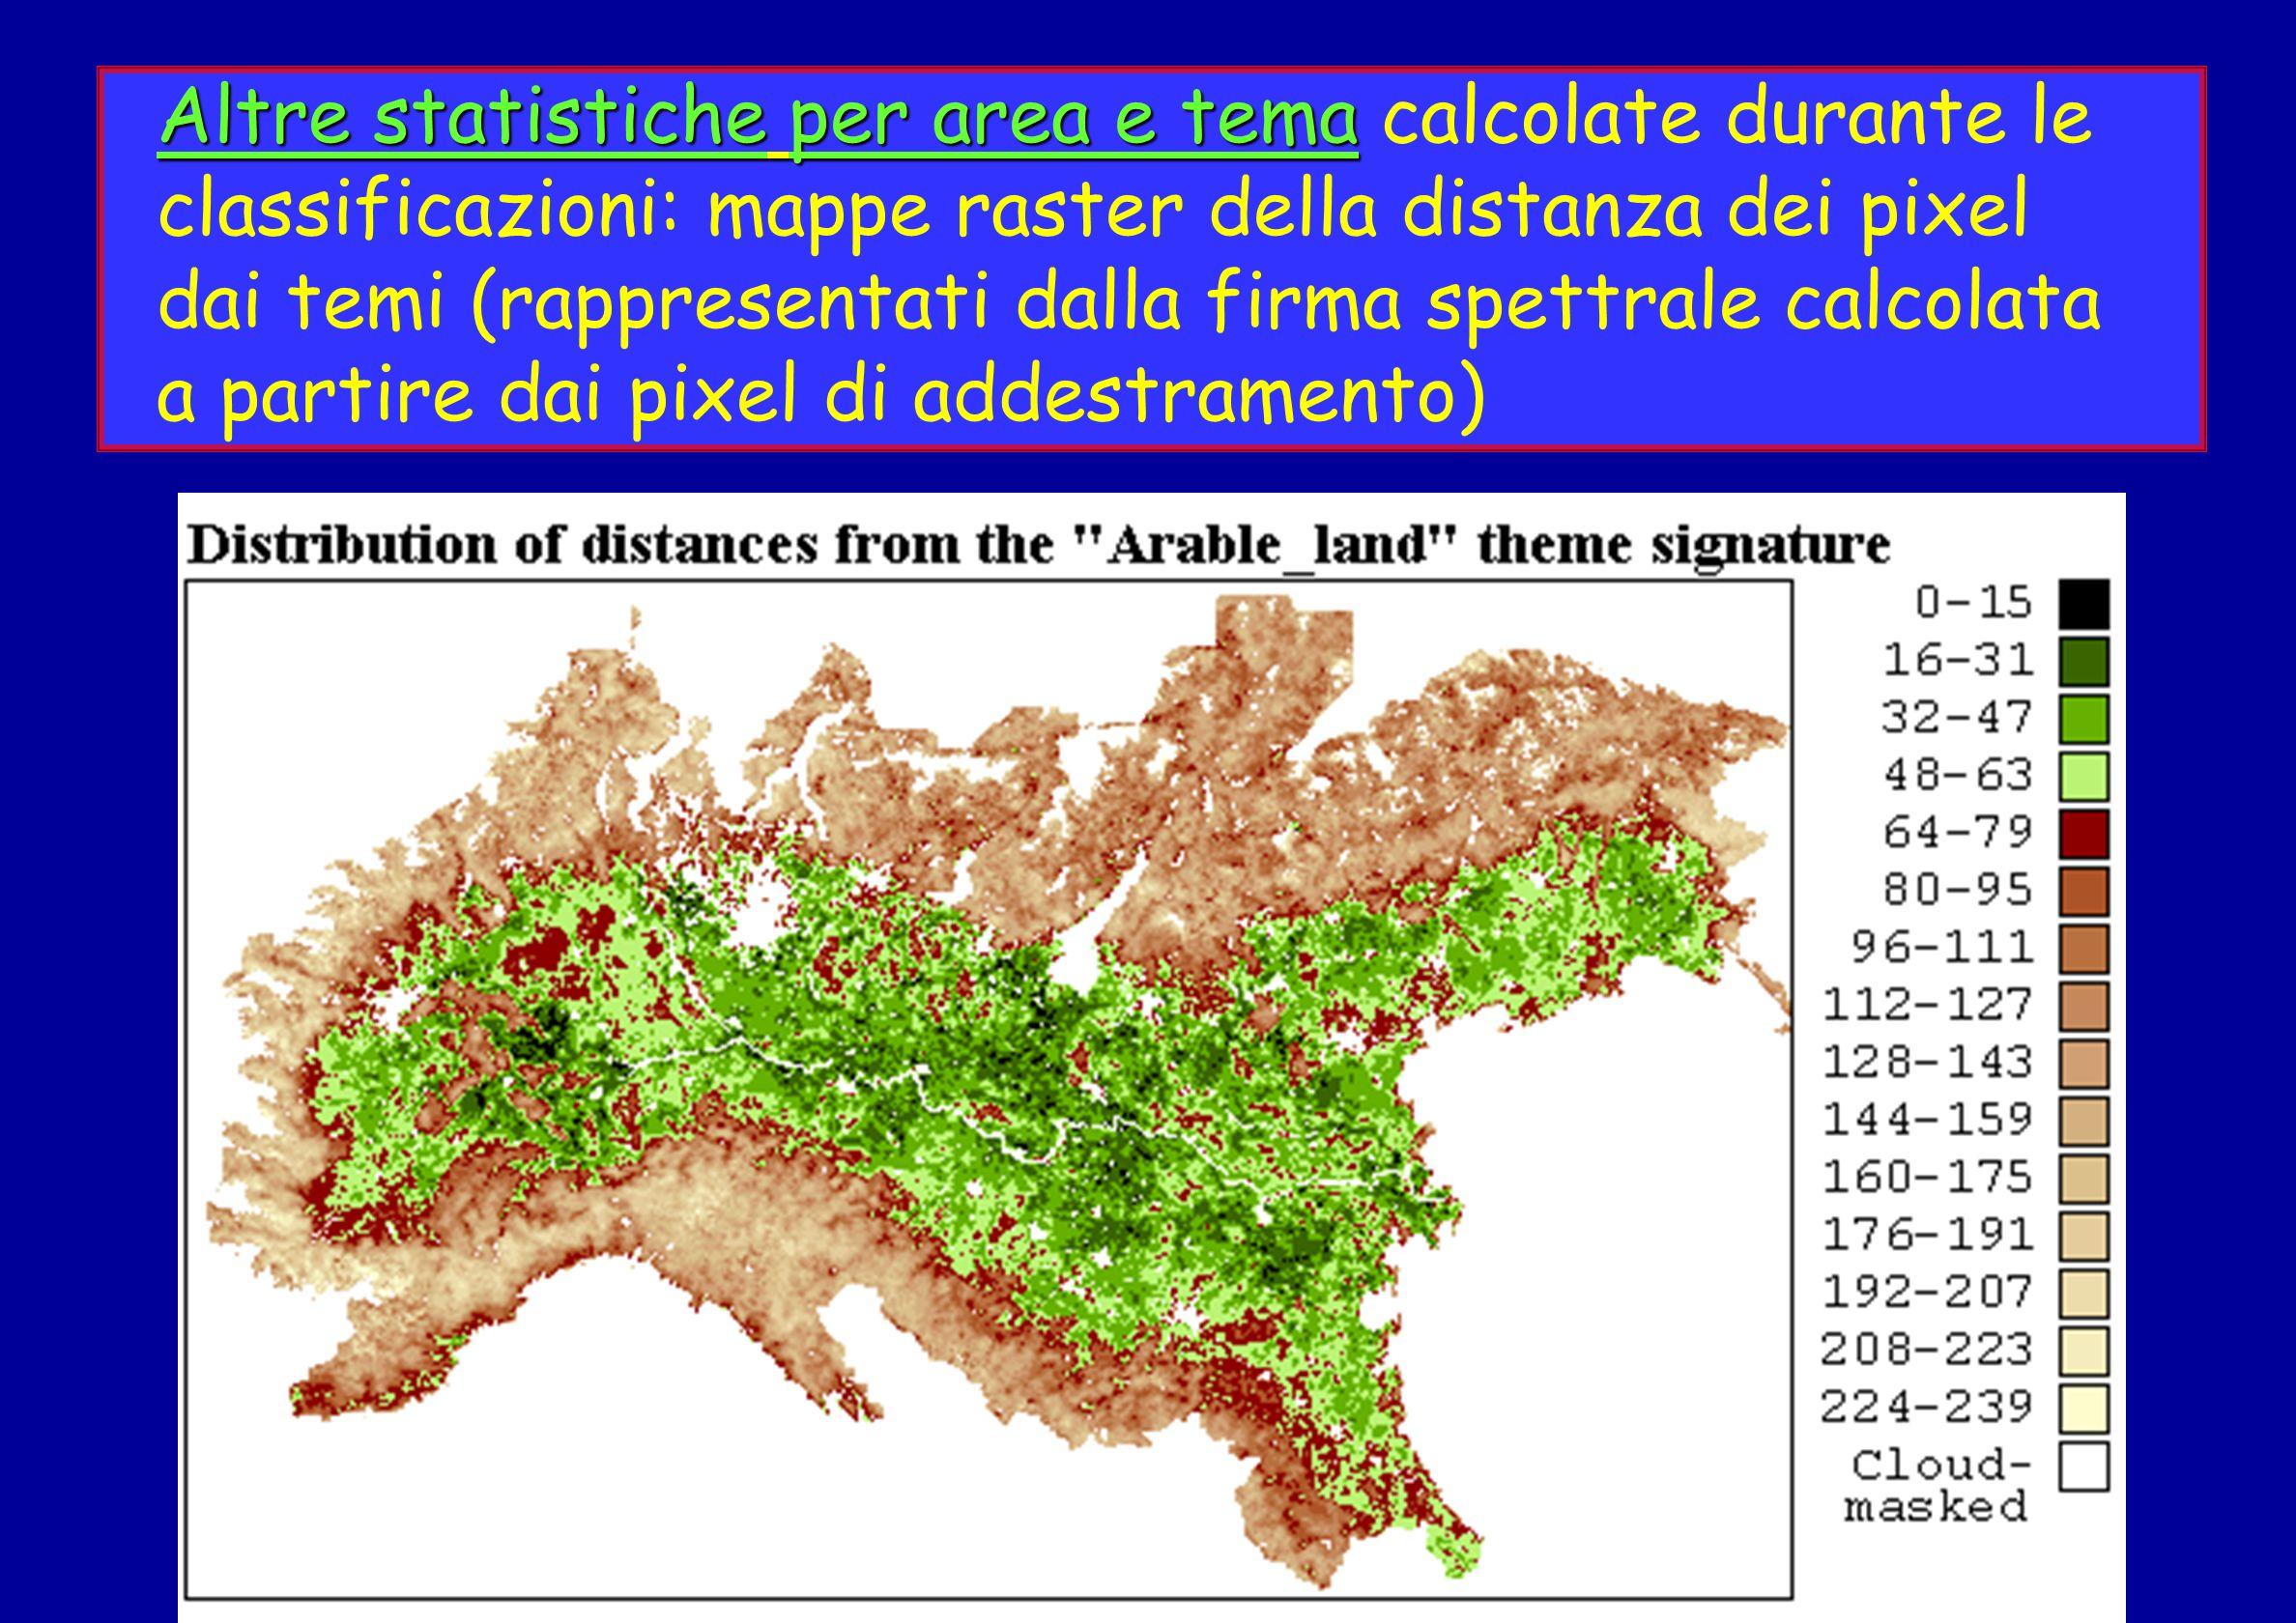 Altre statistiche per area e tema calcolate durante le